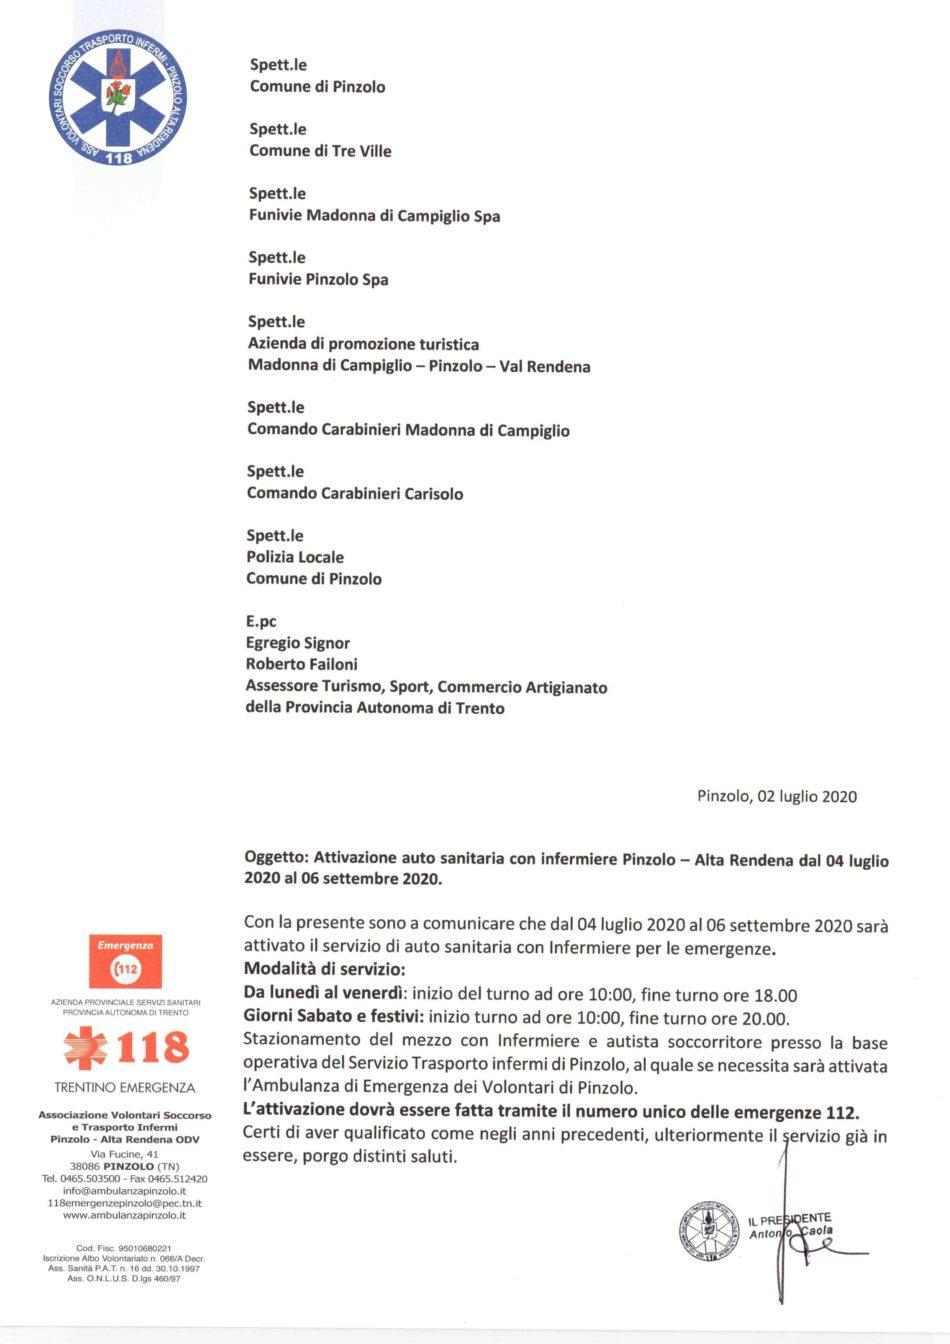 Volontari Soccorso e Trasporto Infermi Pinzolo - Alta Rendena